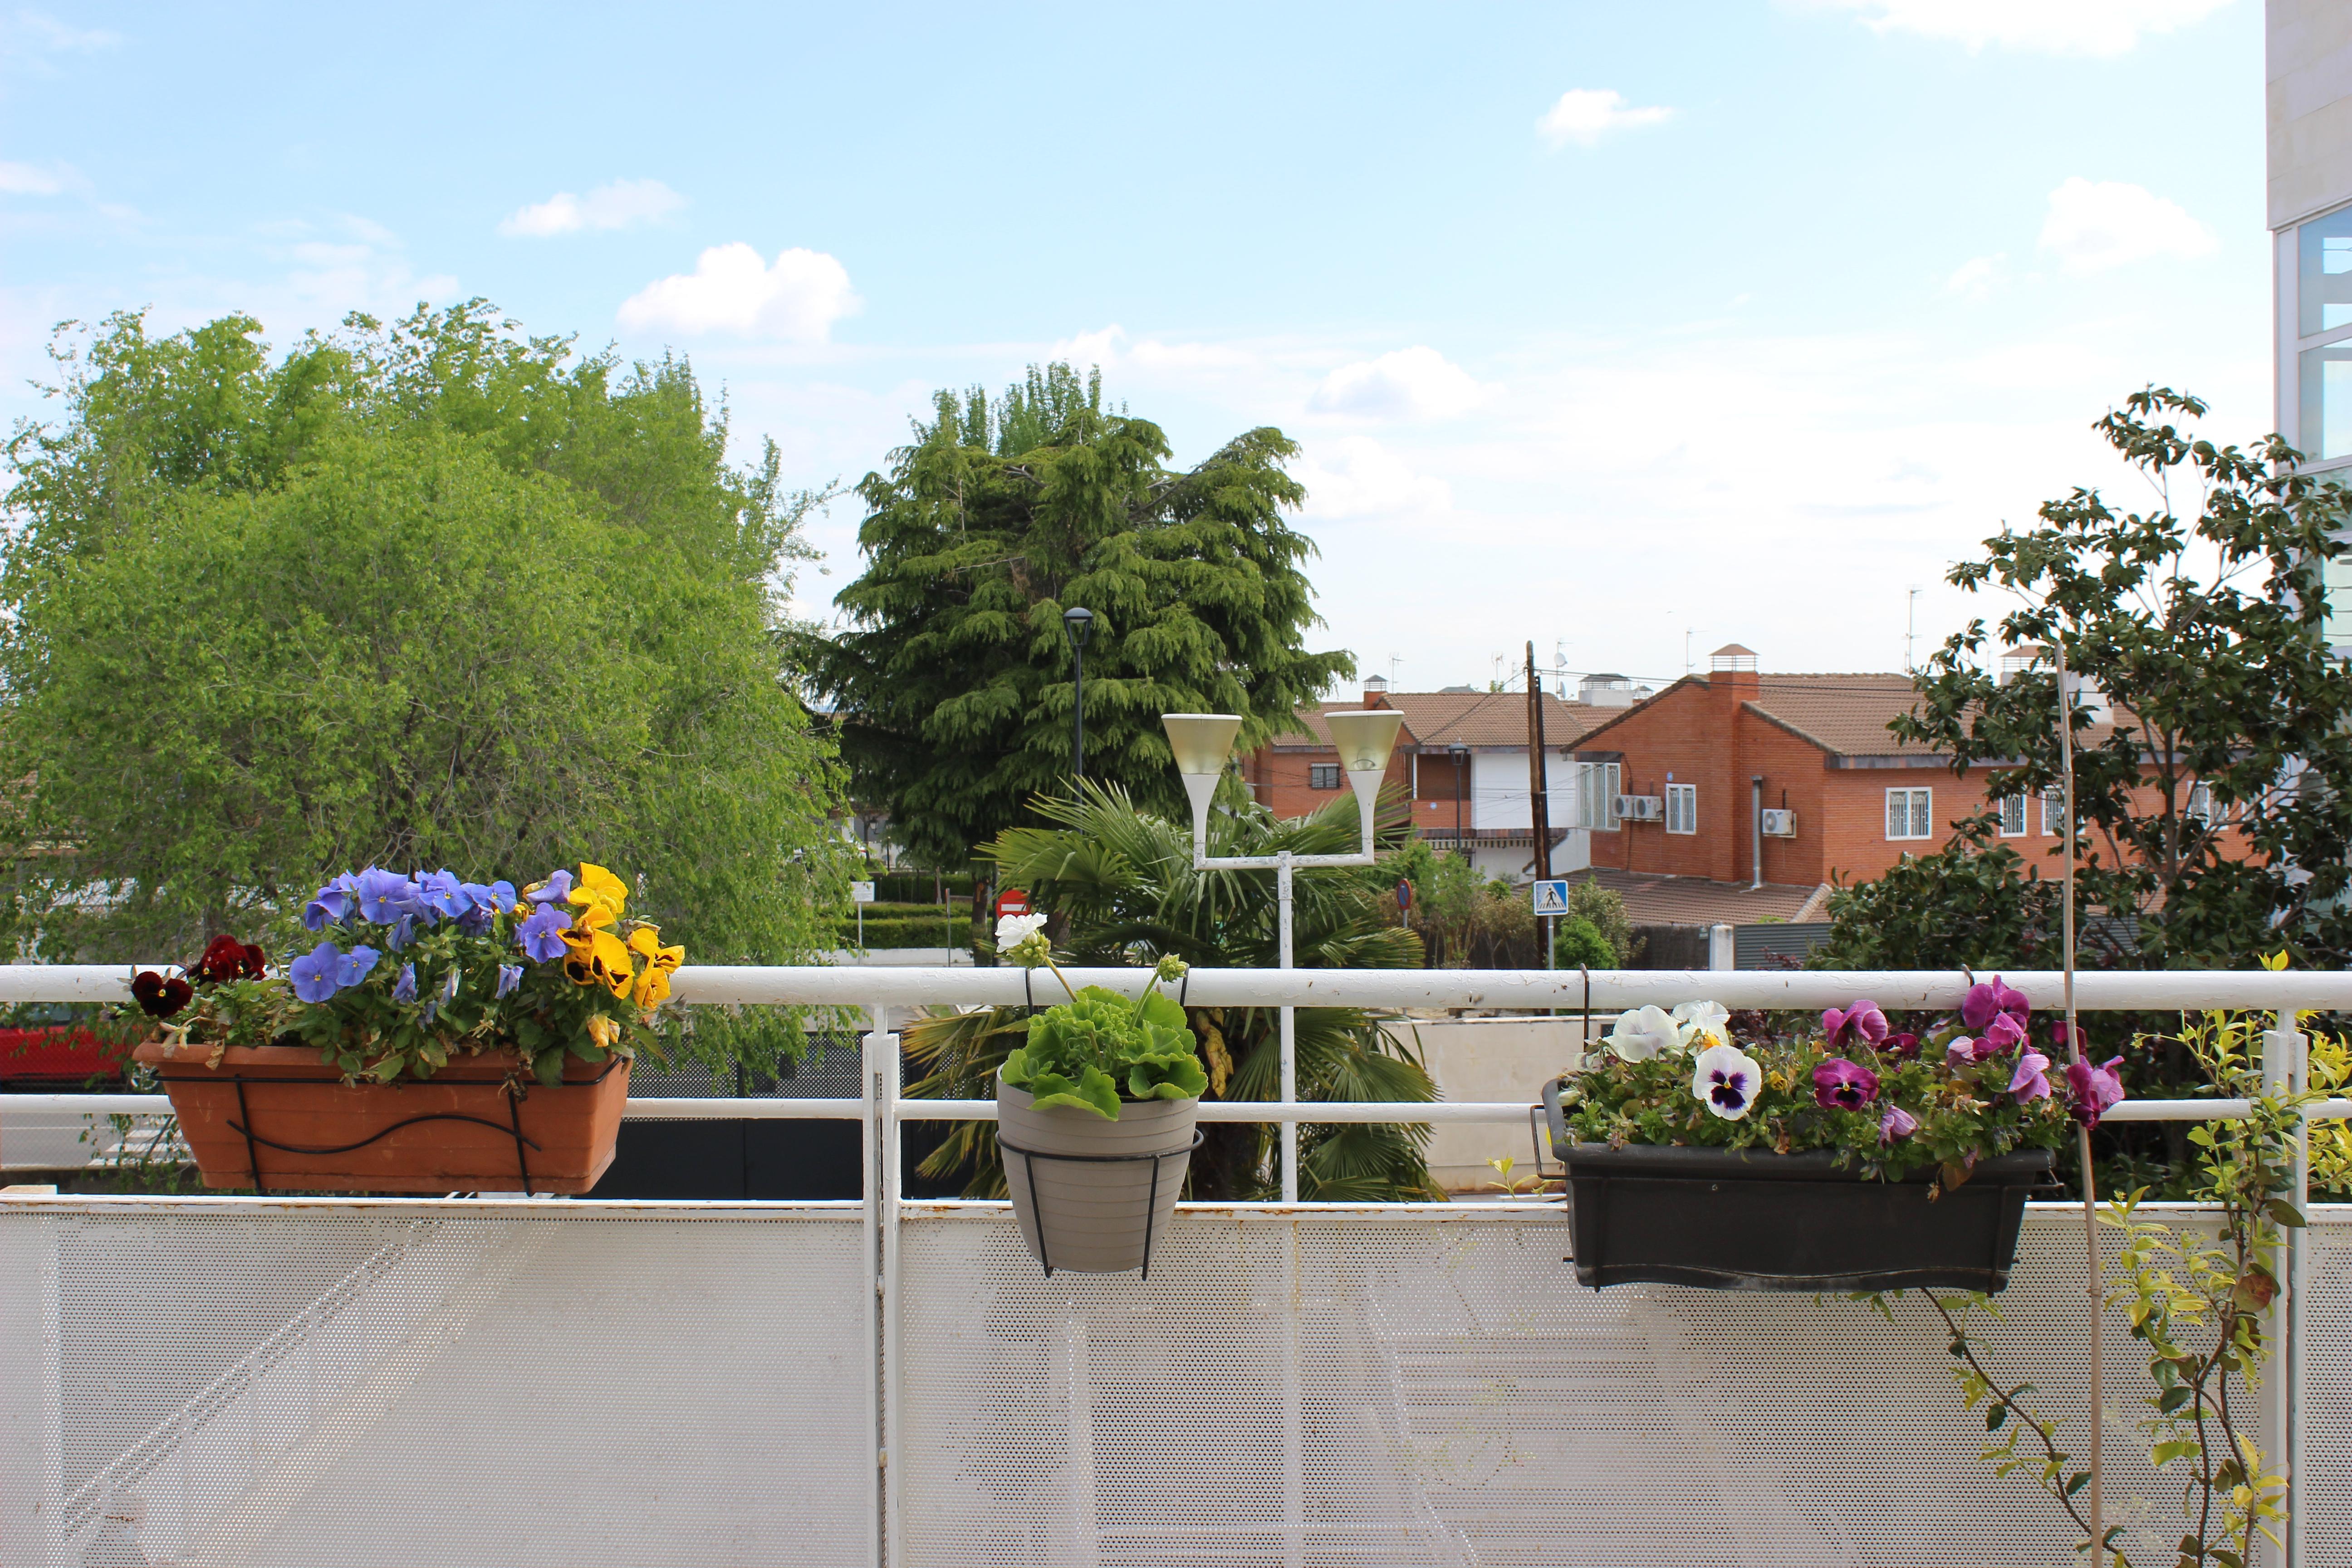 Vuelven el huerto y las flores a Urbanización de Mayores